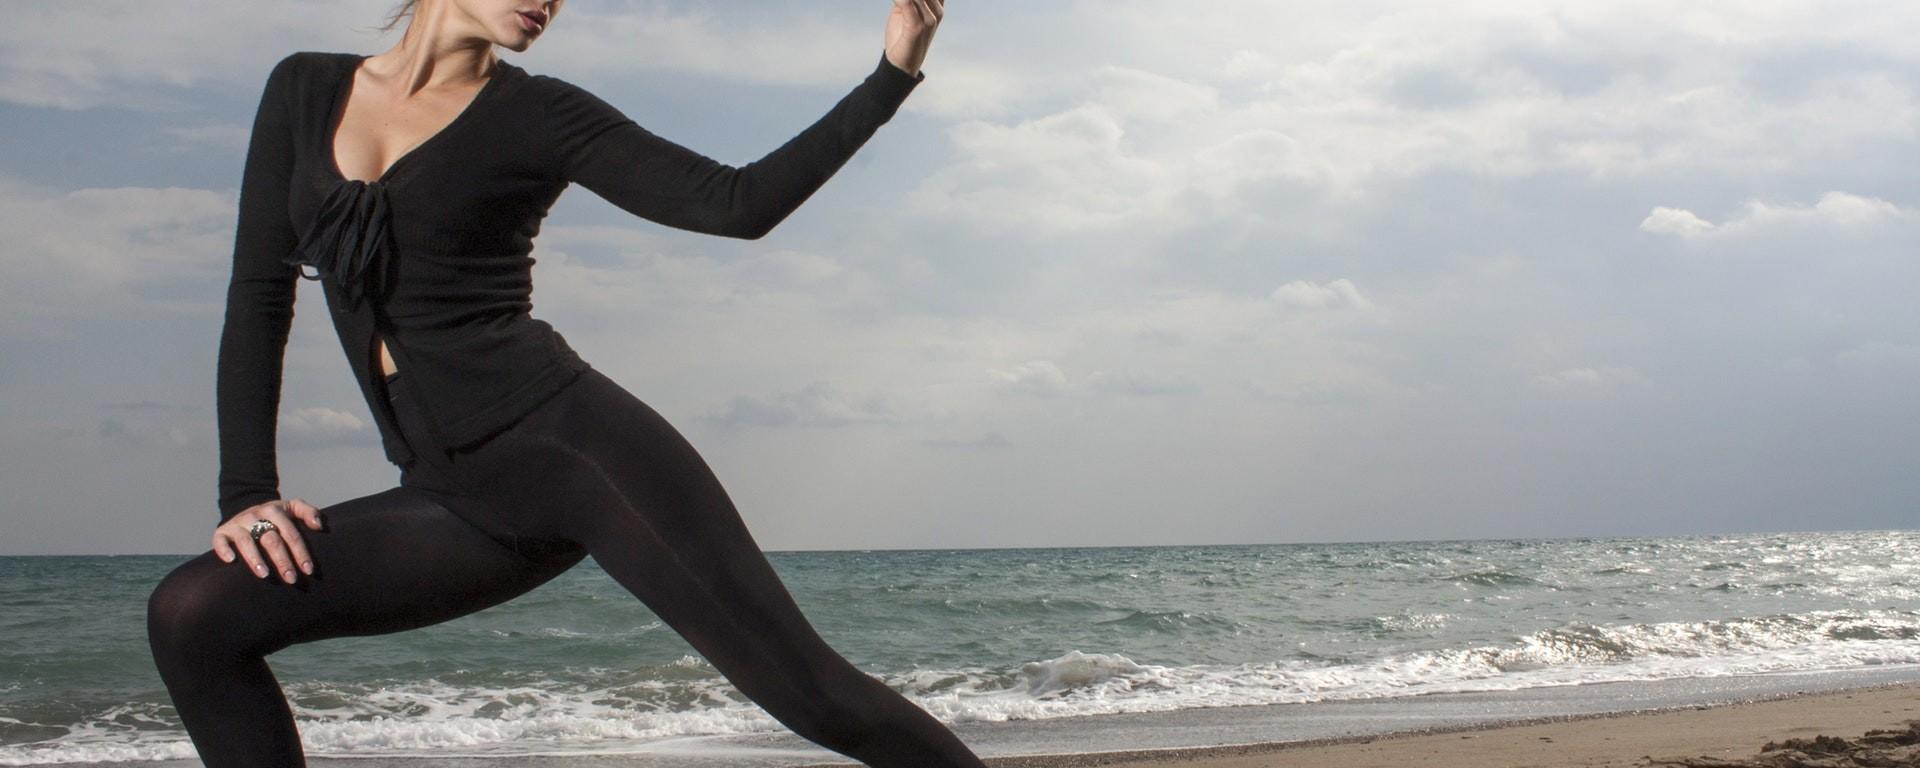 Aquatic Healing